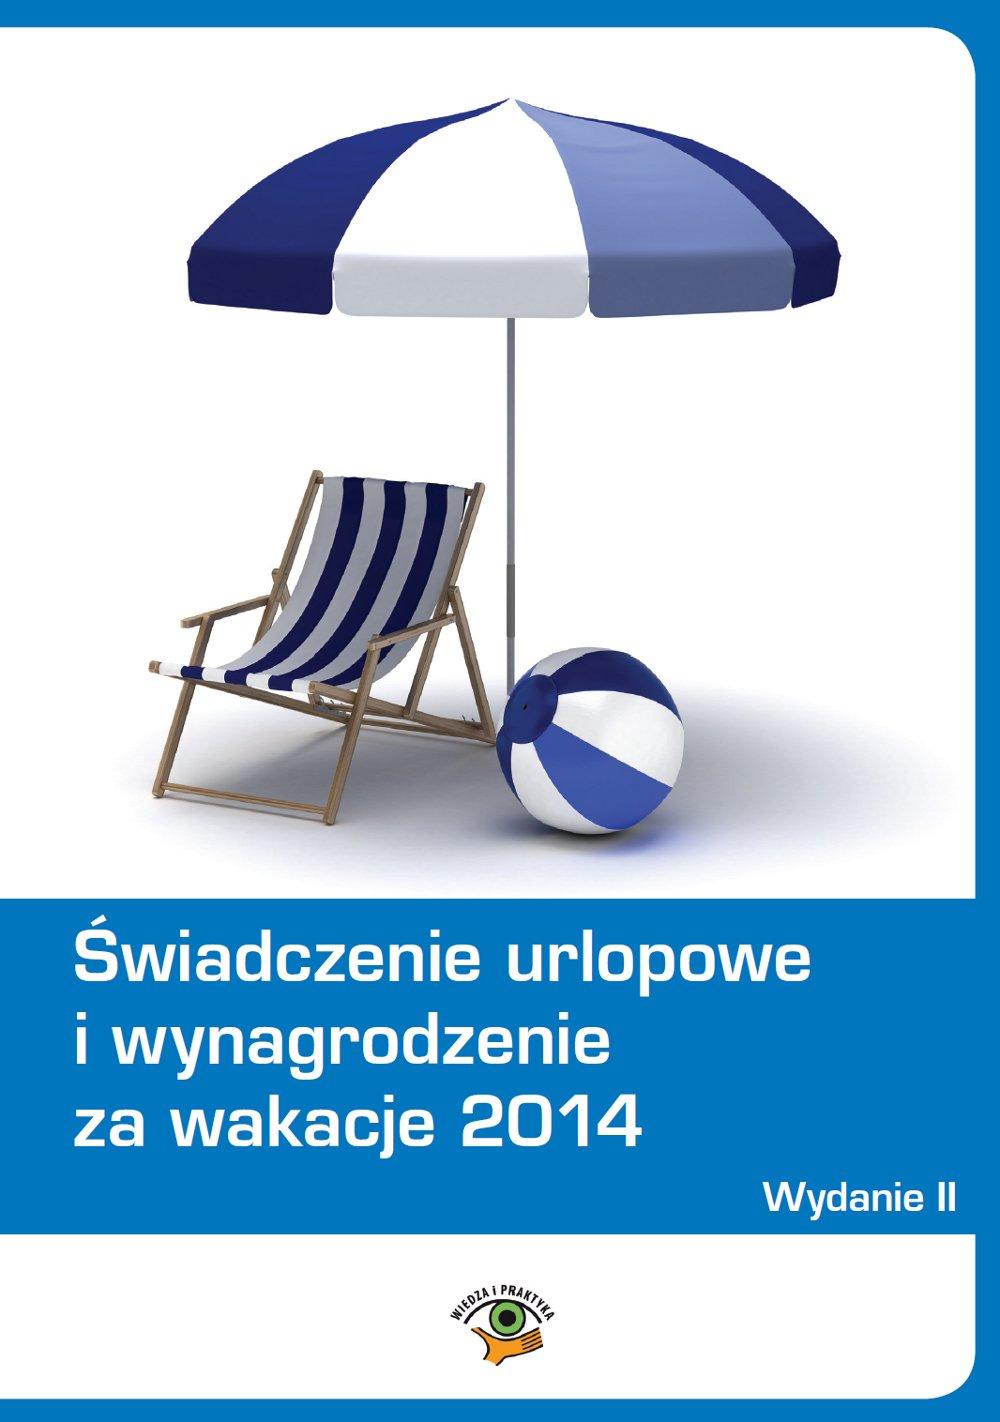 Świadczenie urlopowe i wynagrodzenie za wakacje 2014 - Ebook (Książka EPUB) do pobrania w formacie EPUB